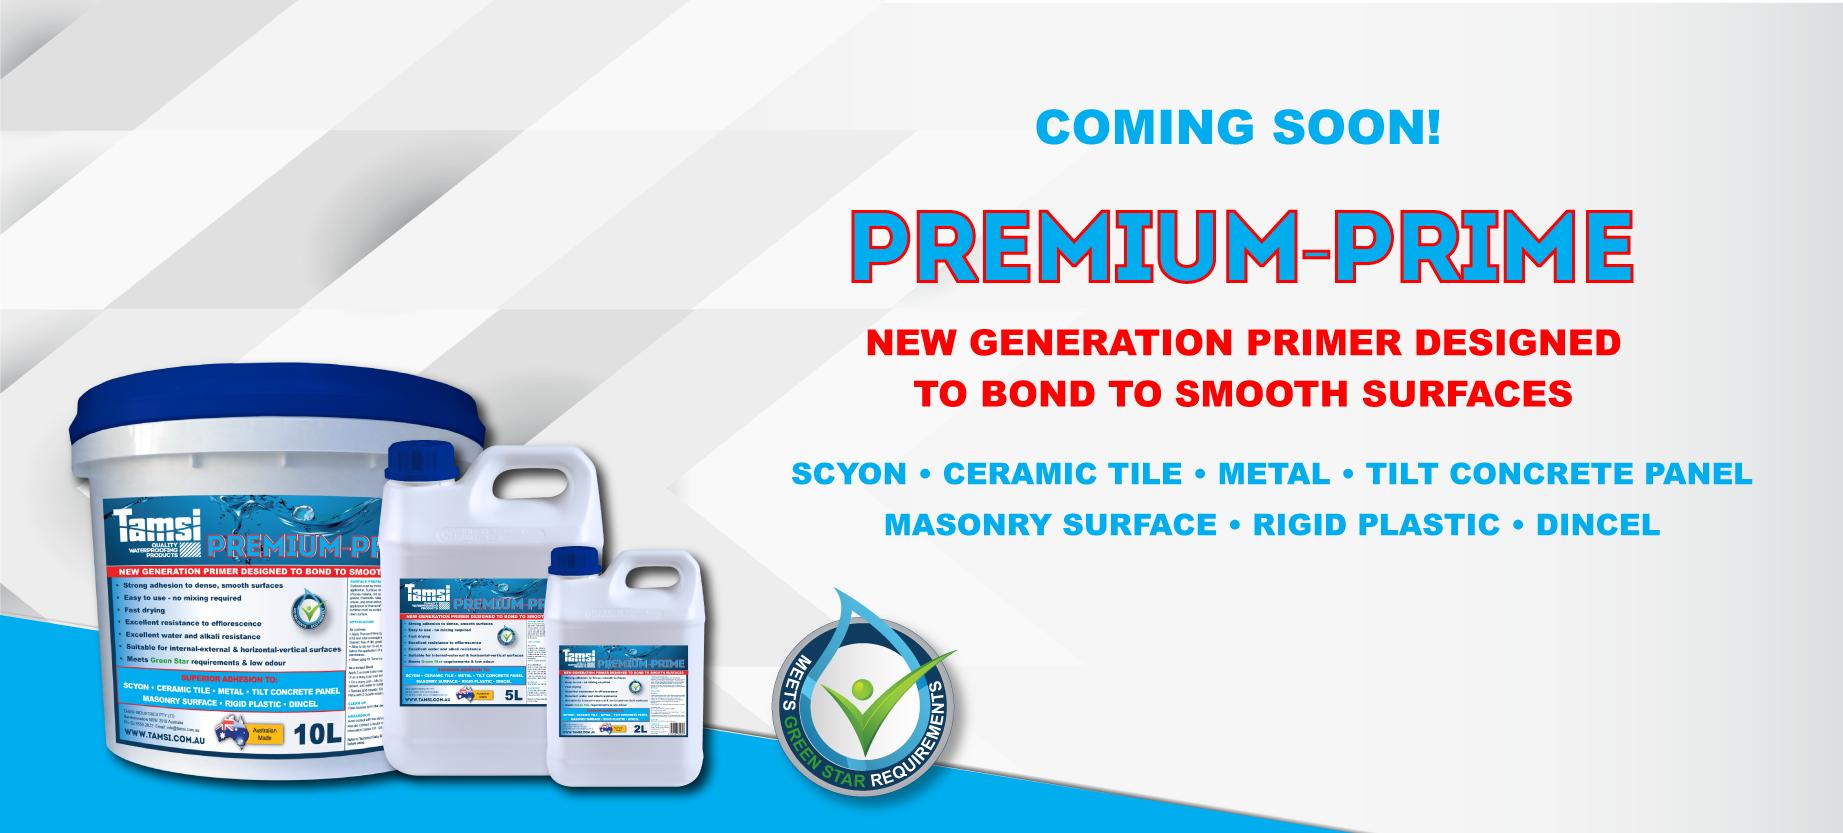 Premium Prime